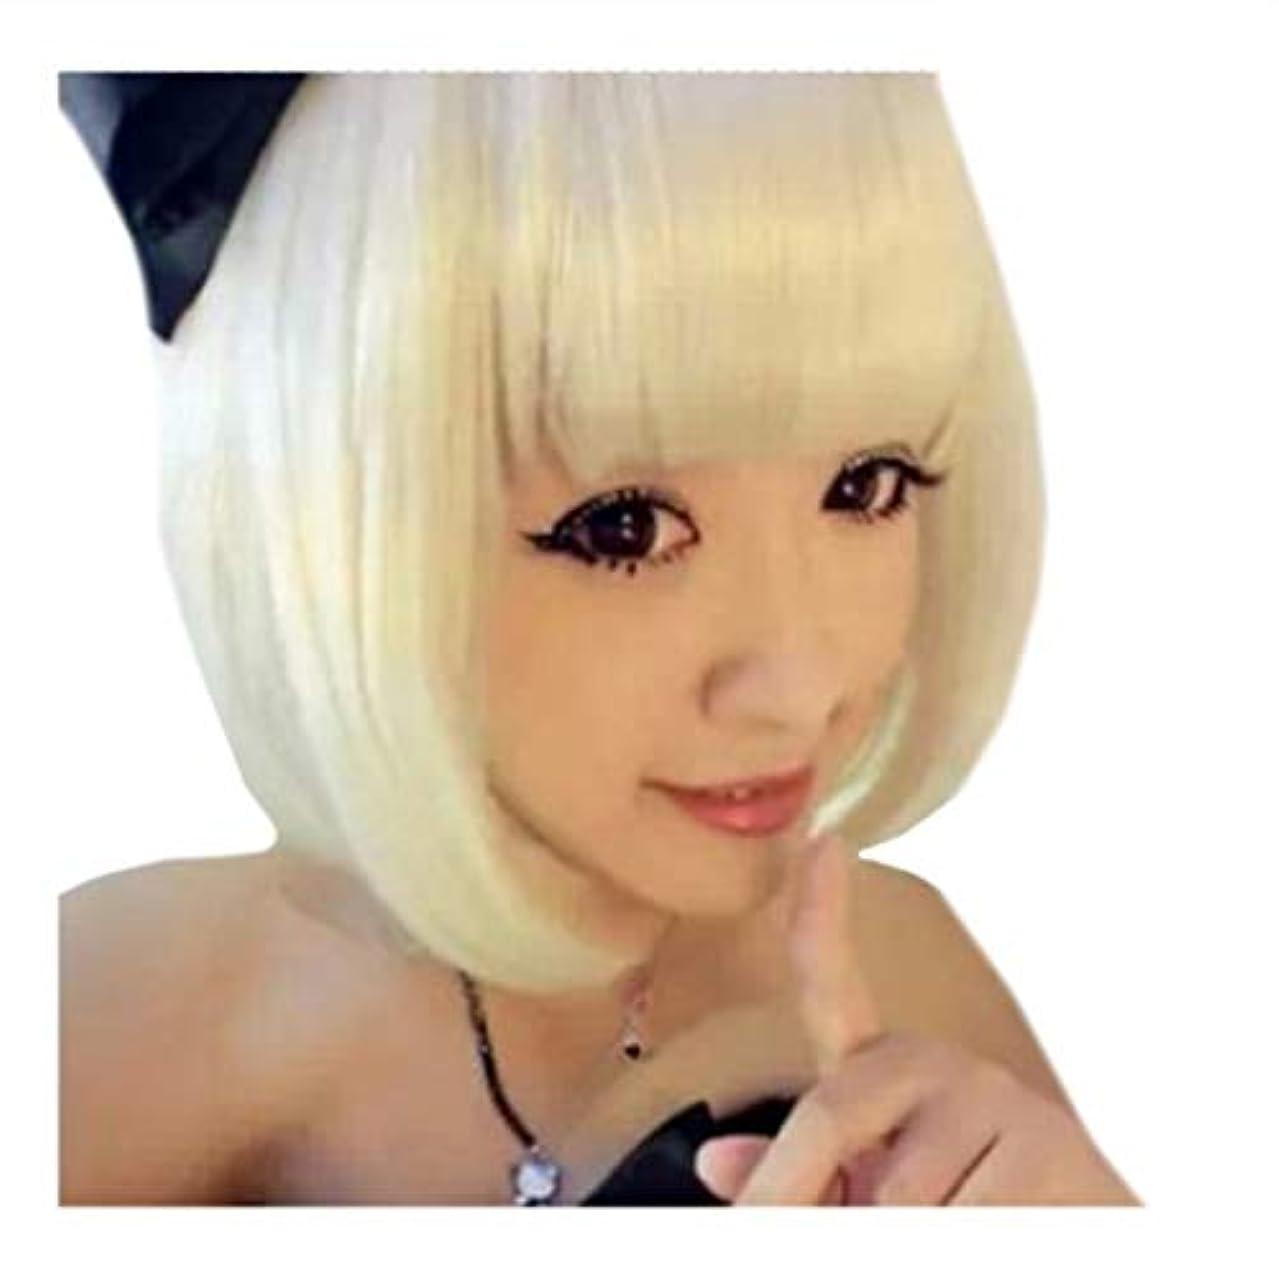 サポート保持する絶壁Summerys 本物の髪として自然な女性のための平らな前髪の合成かつらとストレートショートボブの髪かつら